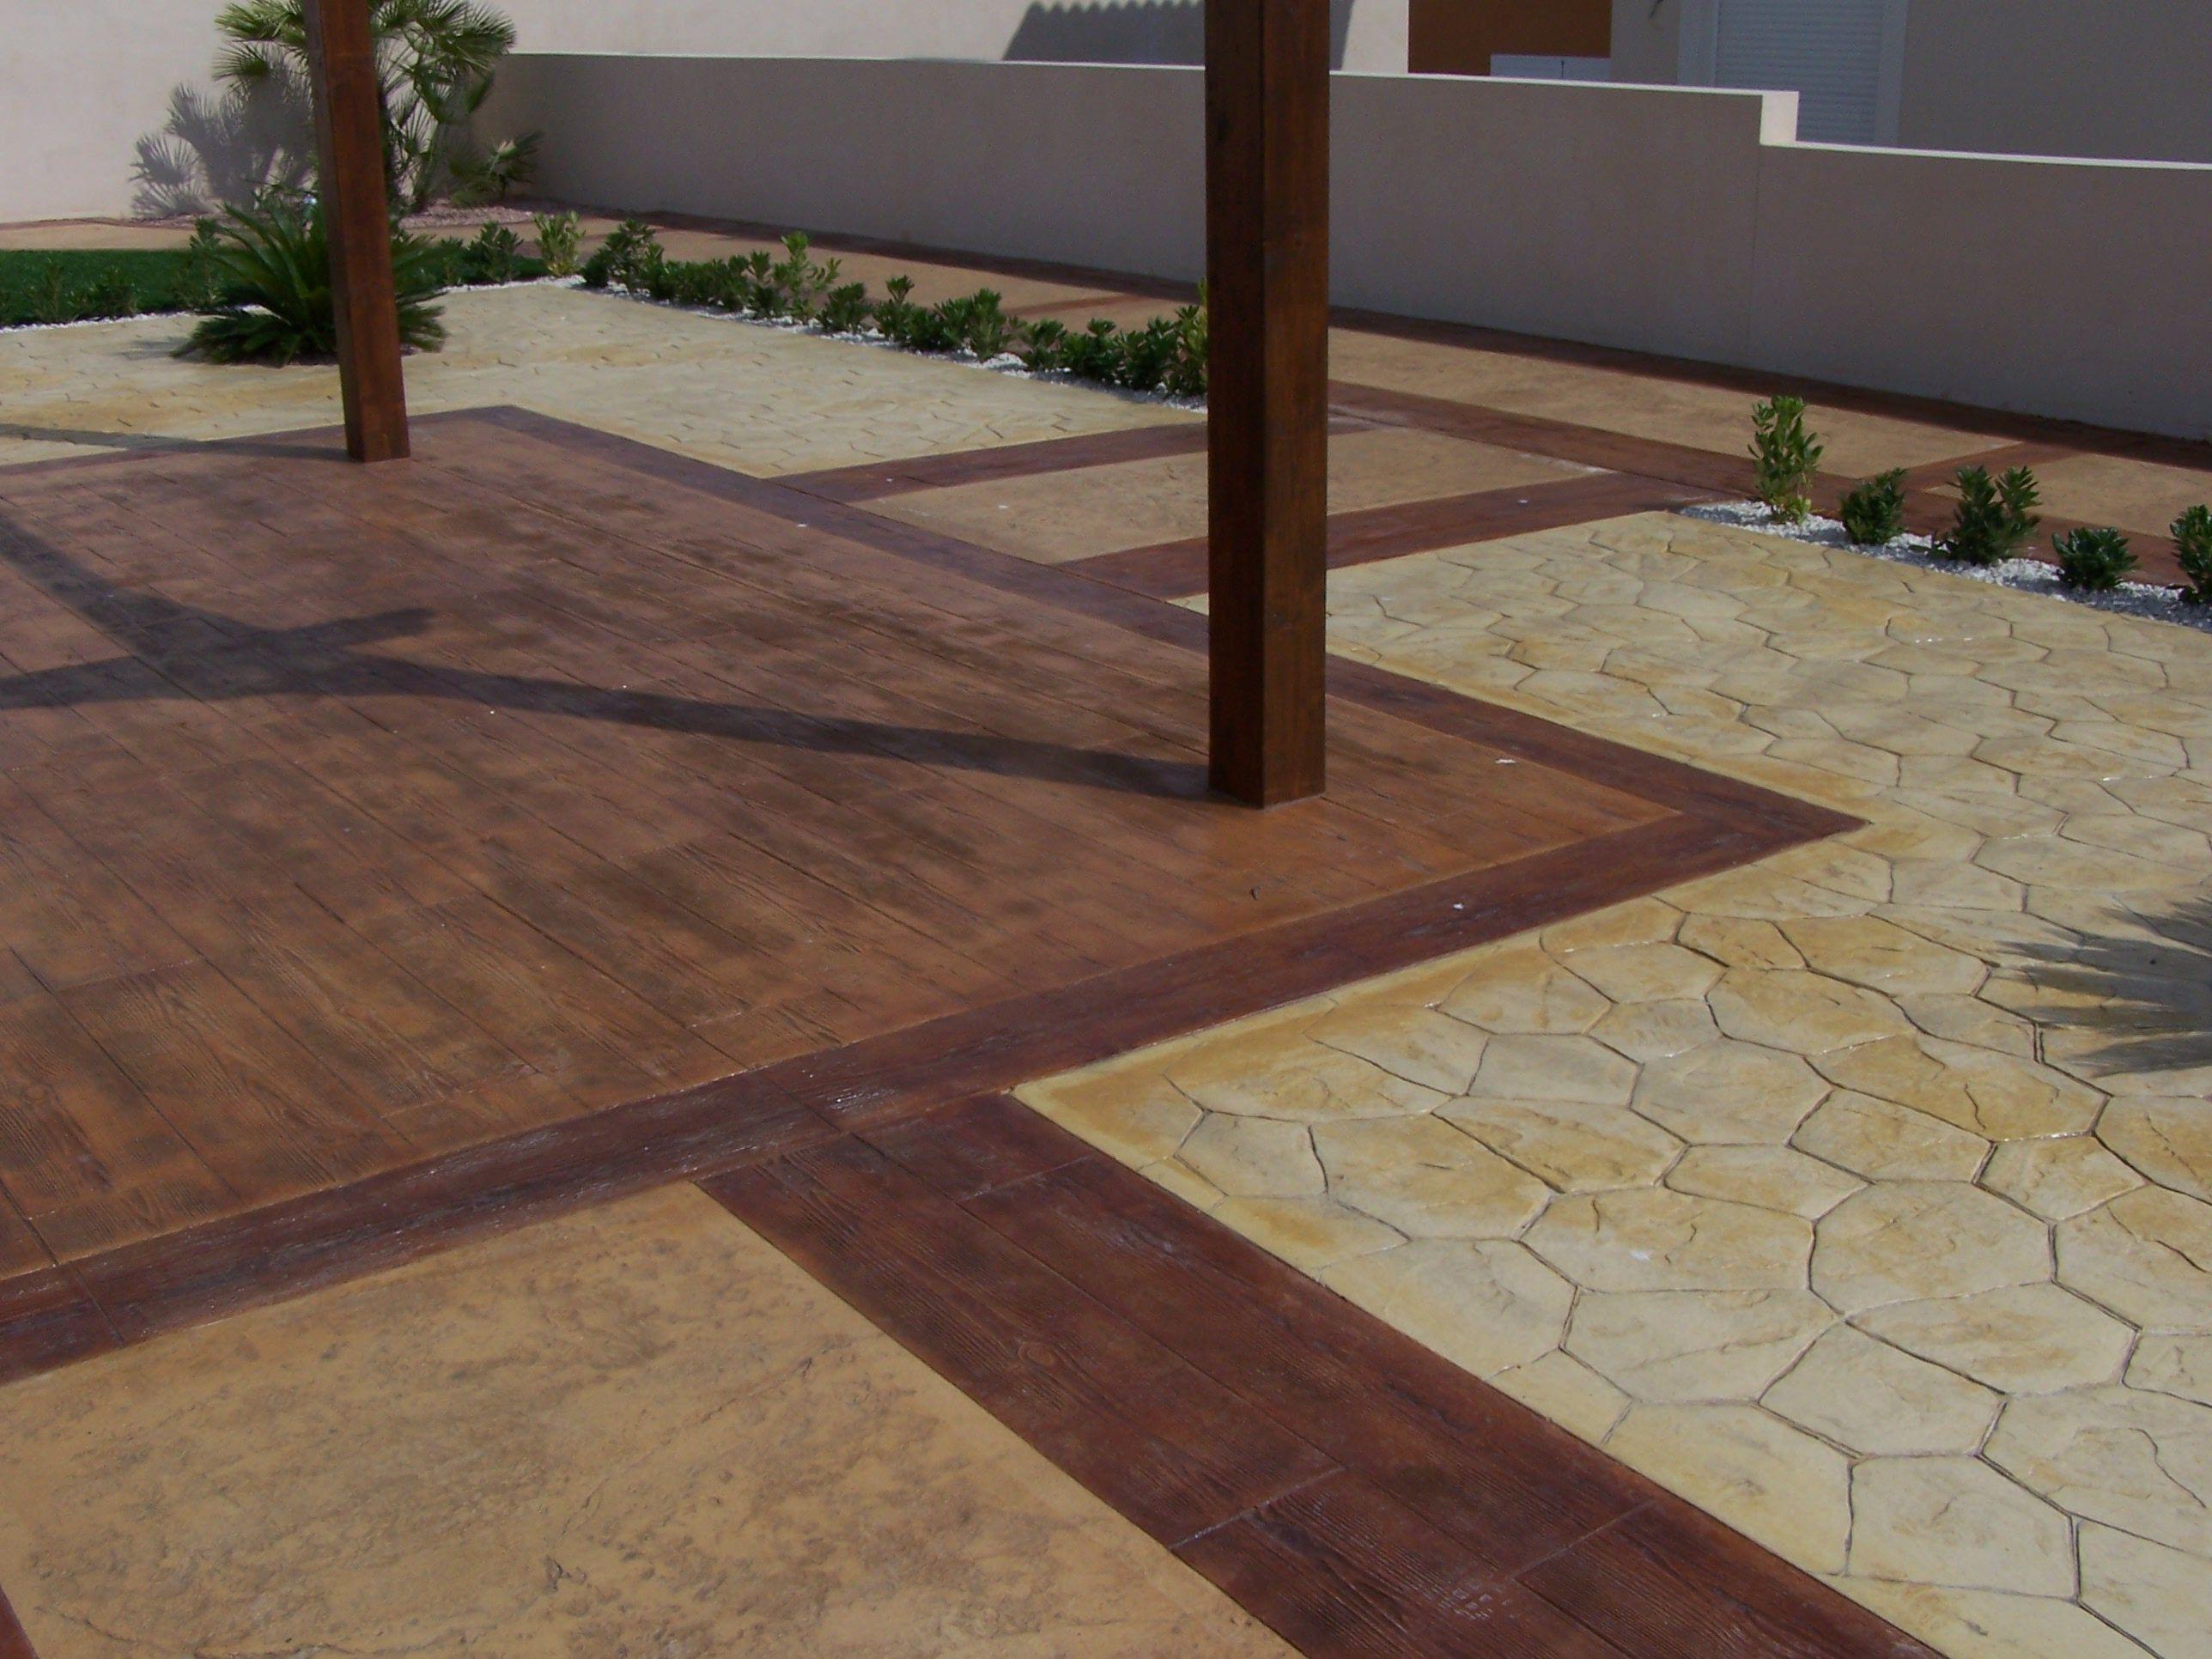 Pavimento impreso morcret cat logo hormigon impreso de for Pavimentos de jardin